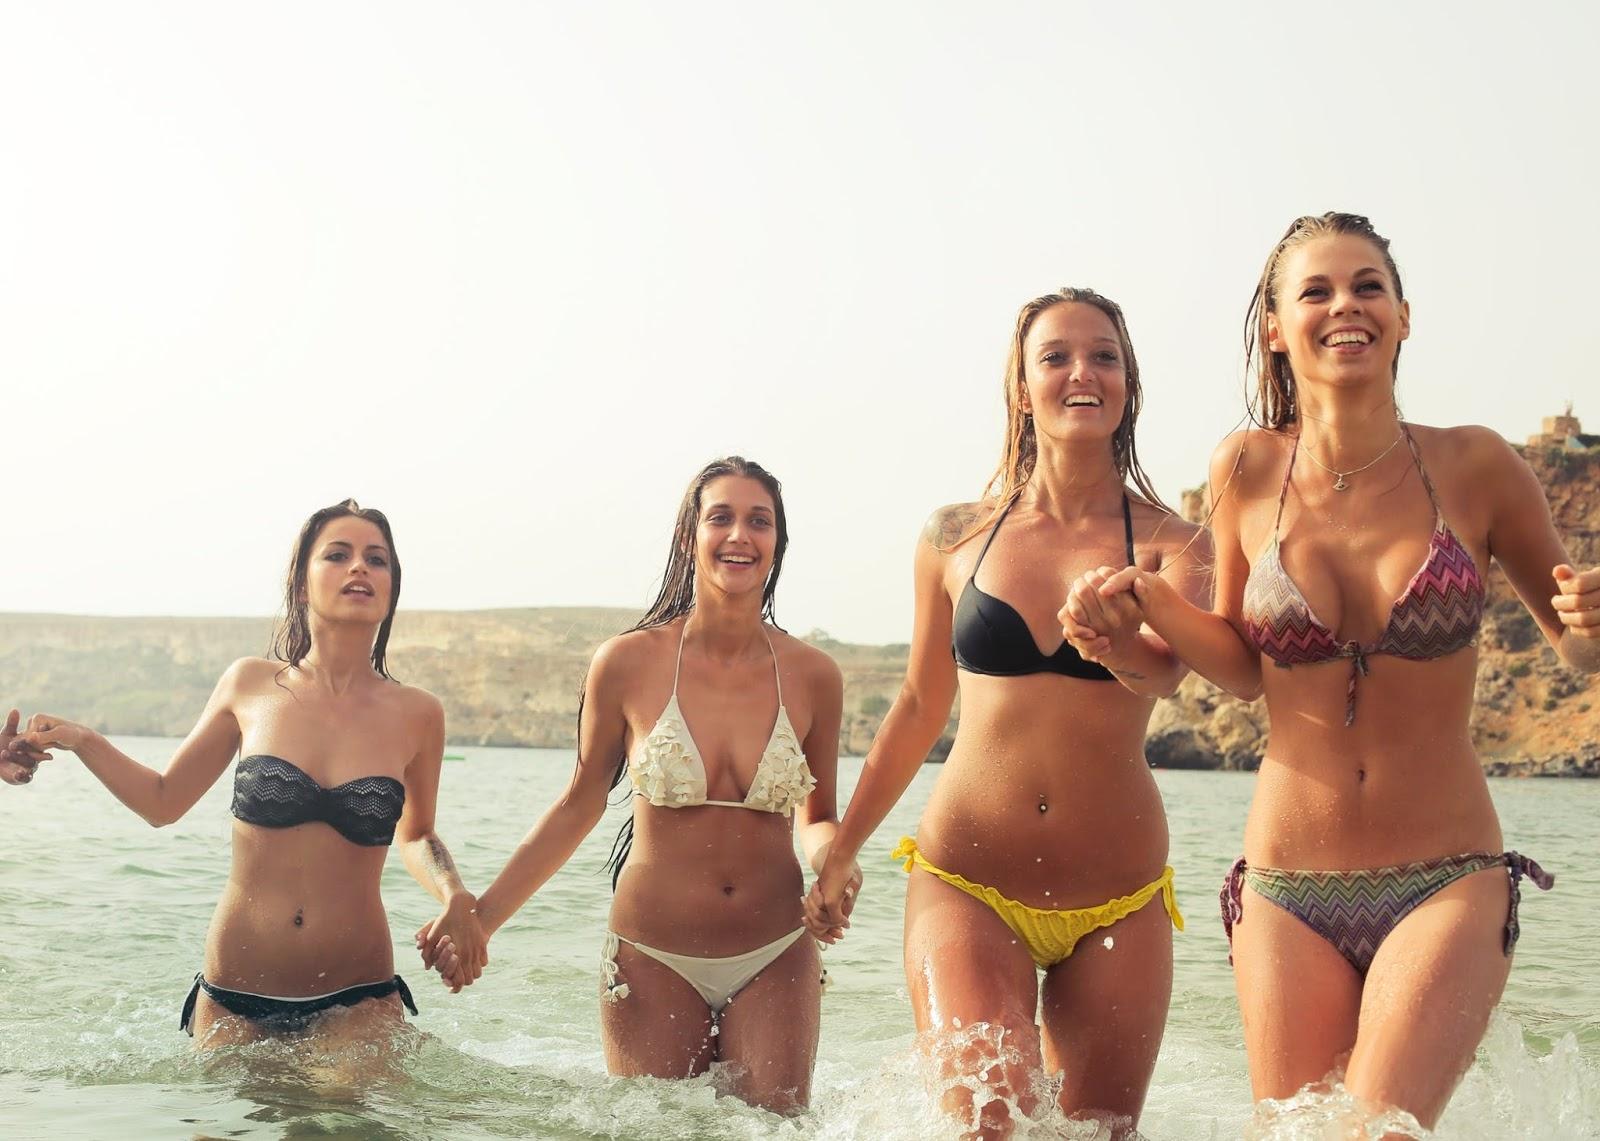 0b3dcc04674d Cómo elegir un traje de baño según la forma de tu cuerpo?